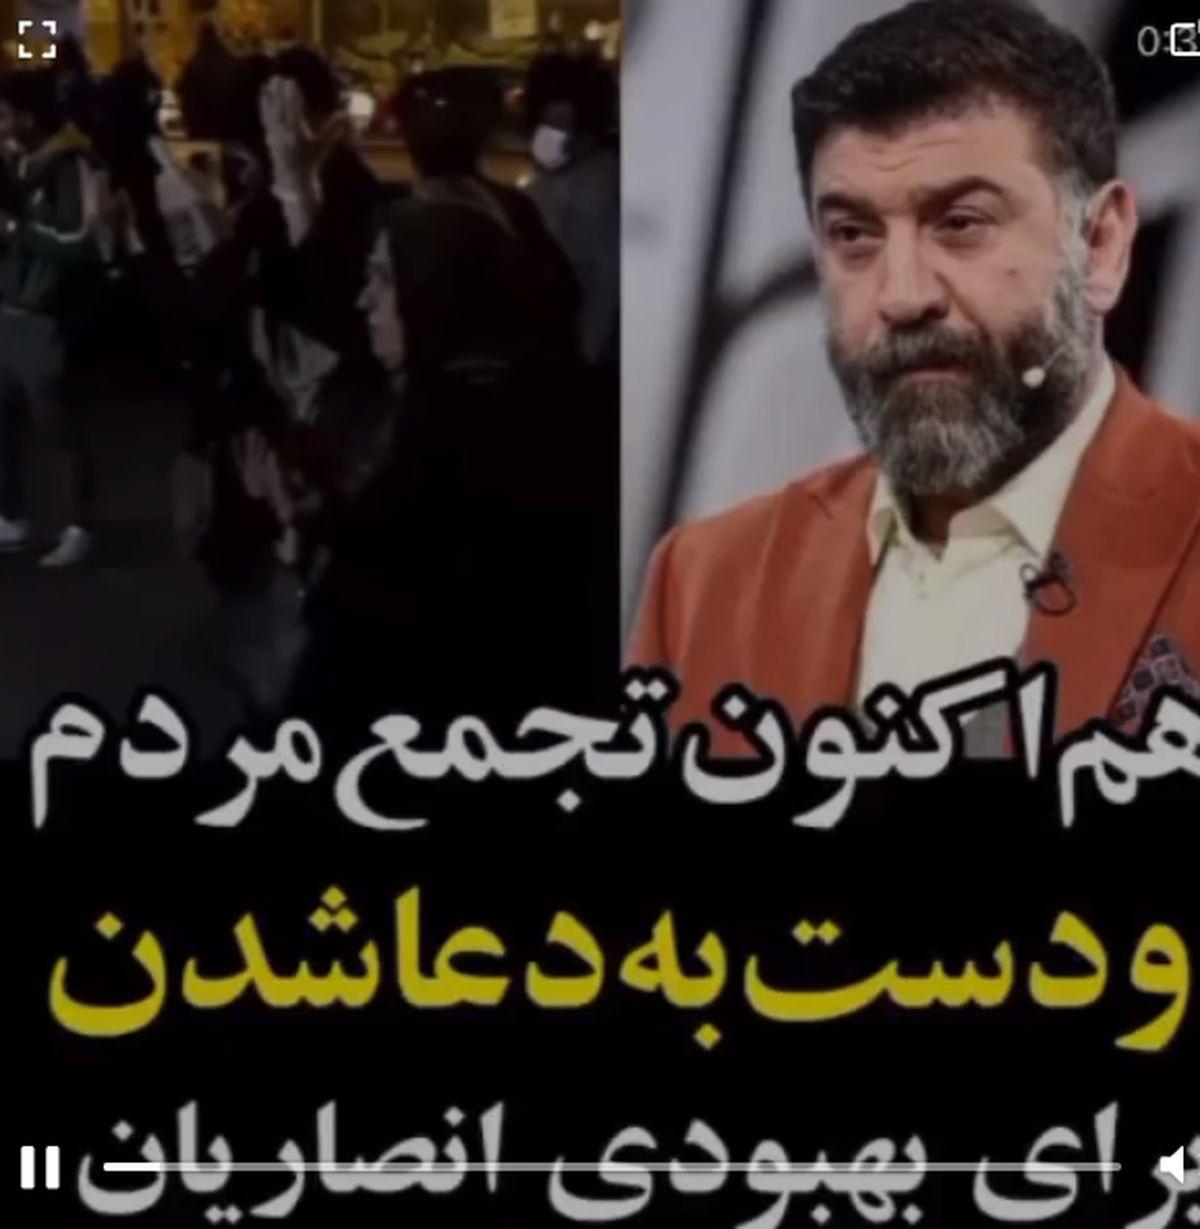 سینه زنی هواداران علی انصاریان مقابل بیمارستان + فیلم